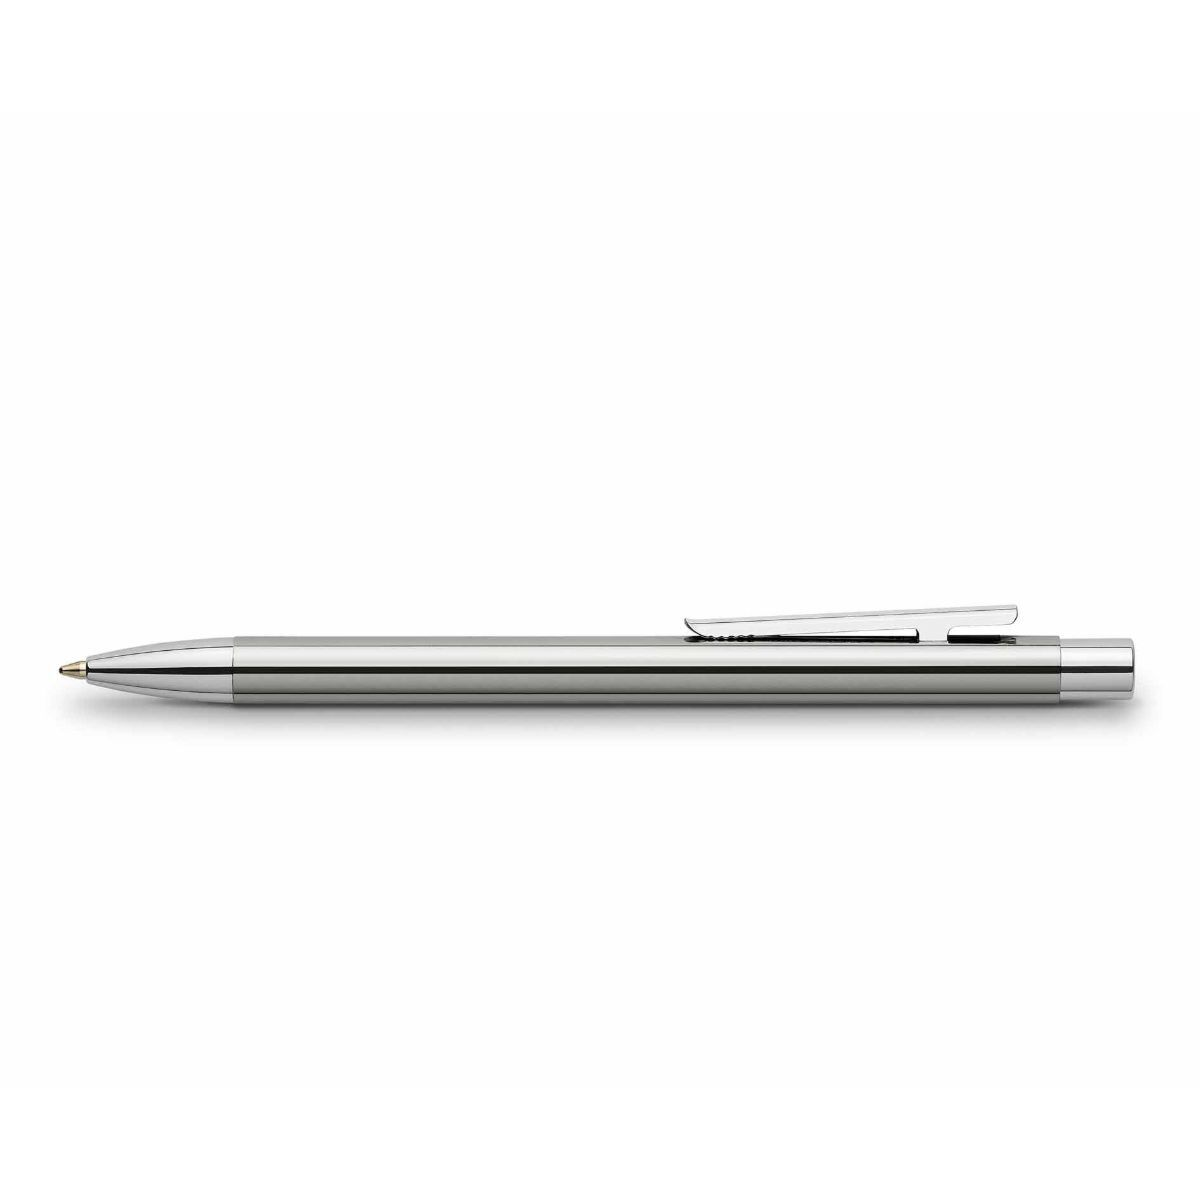 Faber Castell Neo Slim Ballpoint Pen Stainless Steel